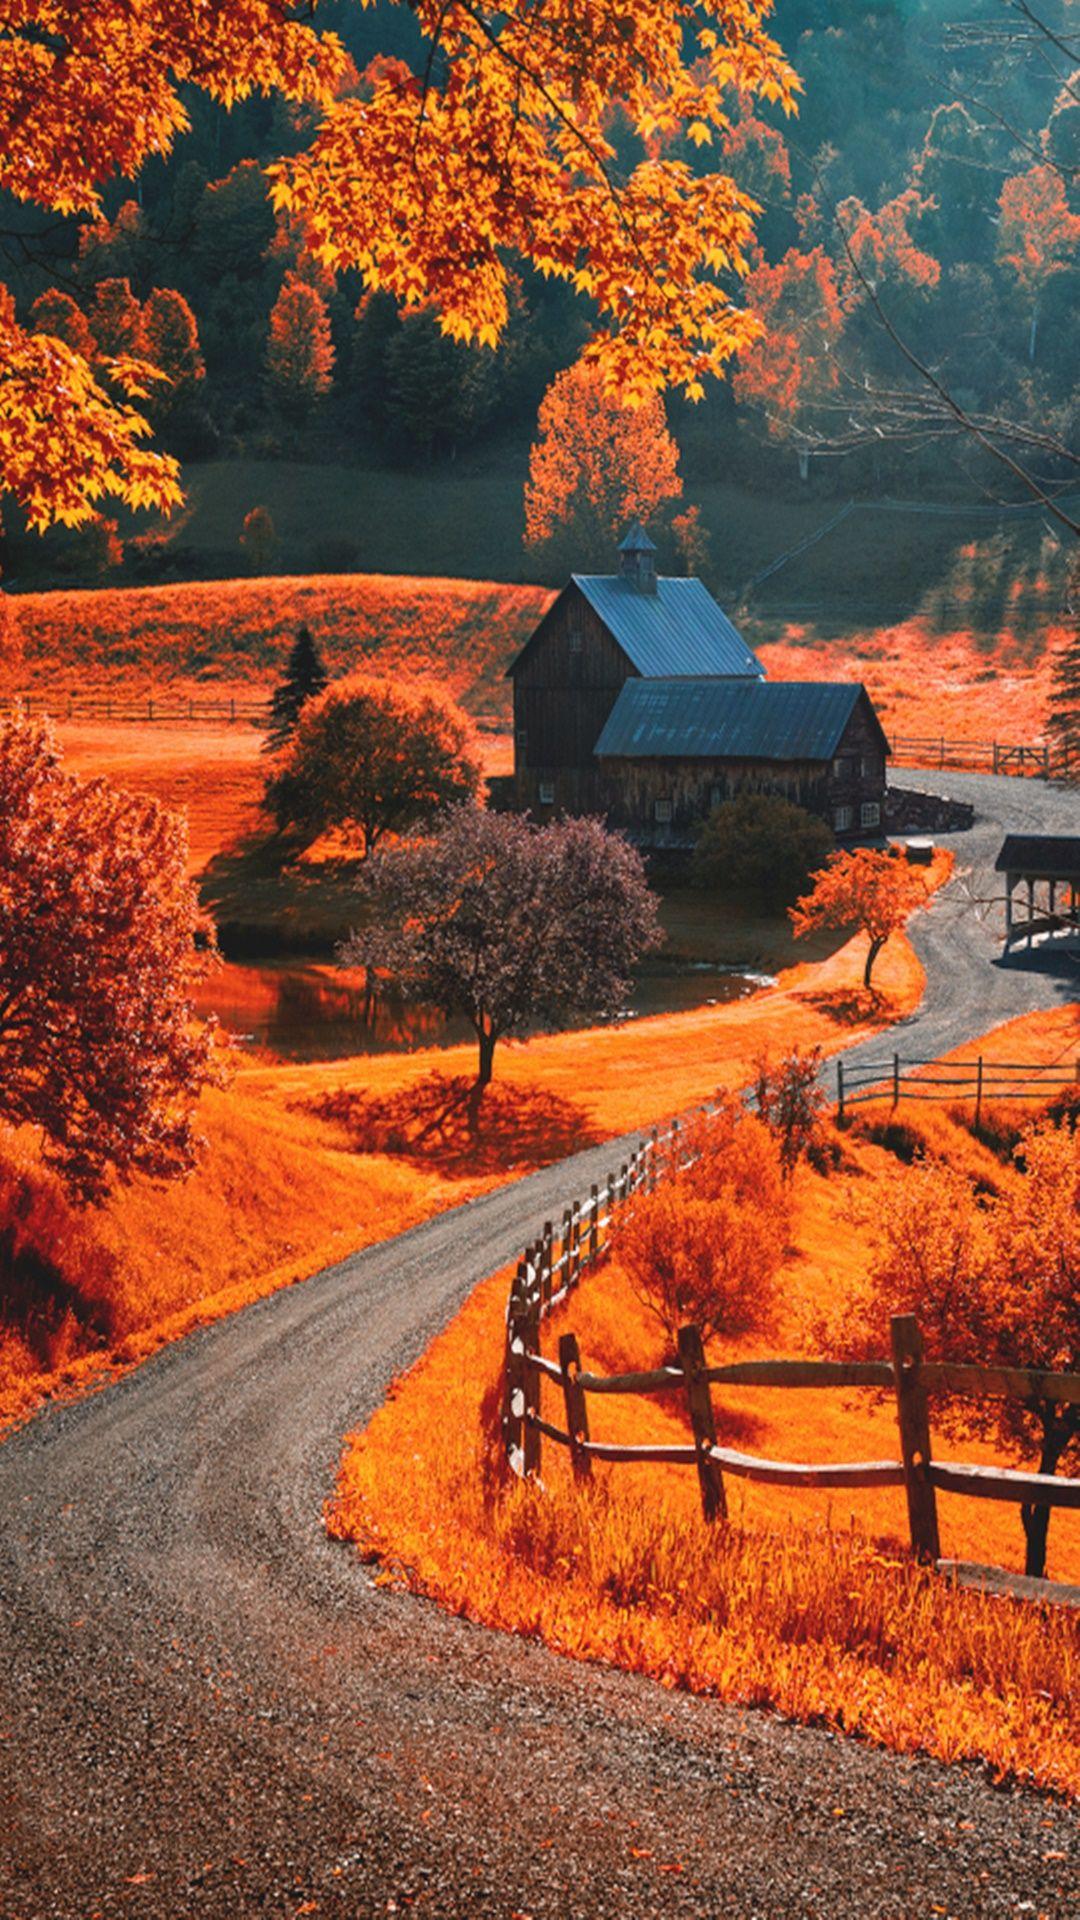 autumn landscape iphone wallpapers. autumn landscape iphone wallpapers. fantasy landscape lock screen 1440x2560